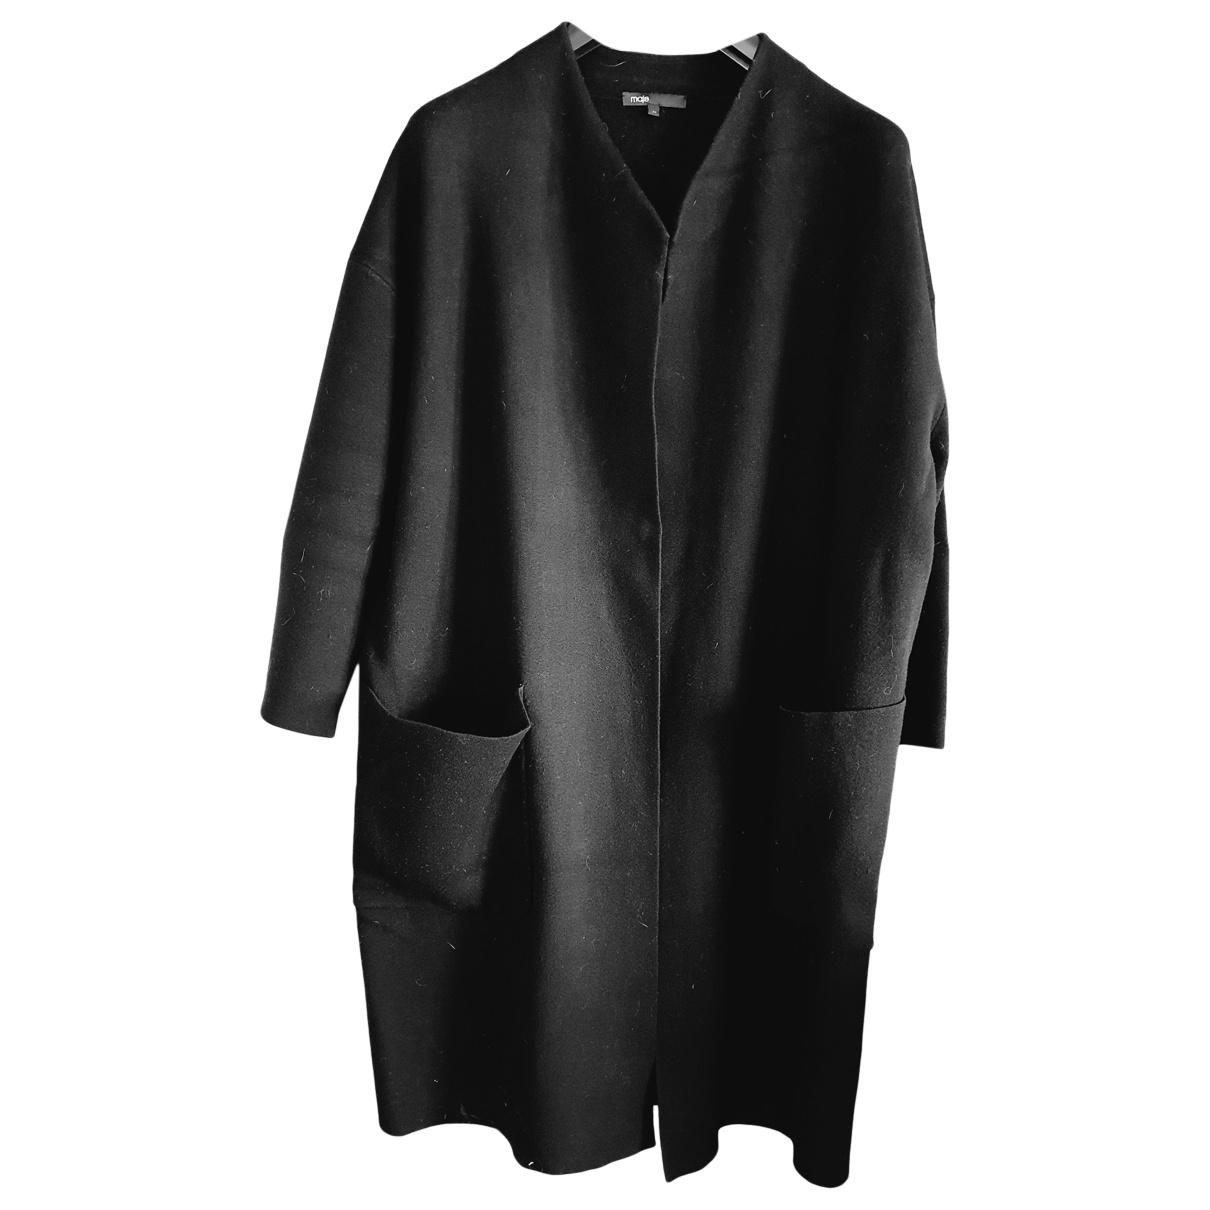 Maje \N Black Wool coat for Women One Size FR